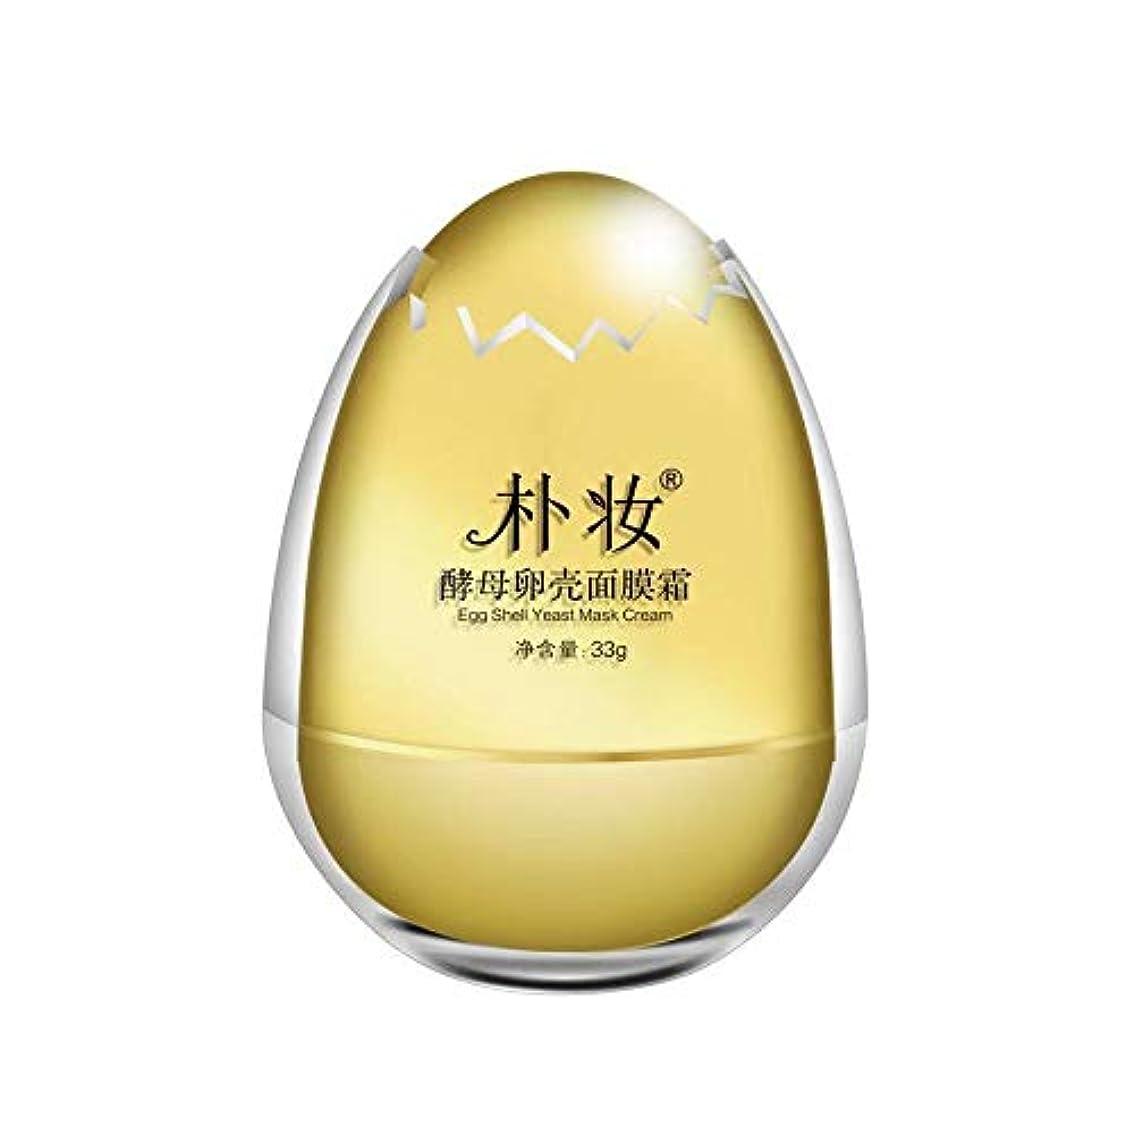 保安より平らな自己尊重朴妆たんたんパック 酵母卵殻マスククリーム33g しっとりと た肌,シュリンクポア,しわ耐性,肌を引っ張る、